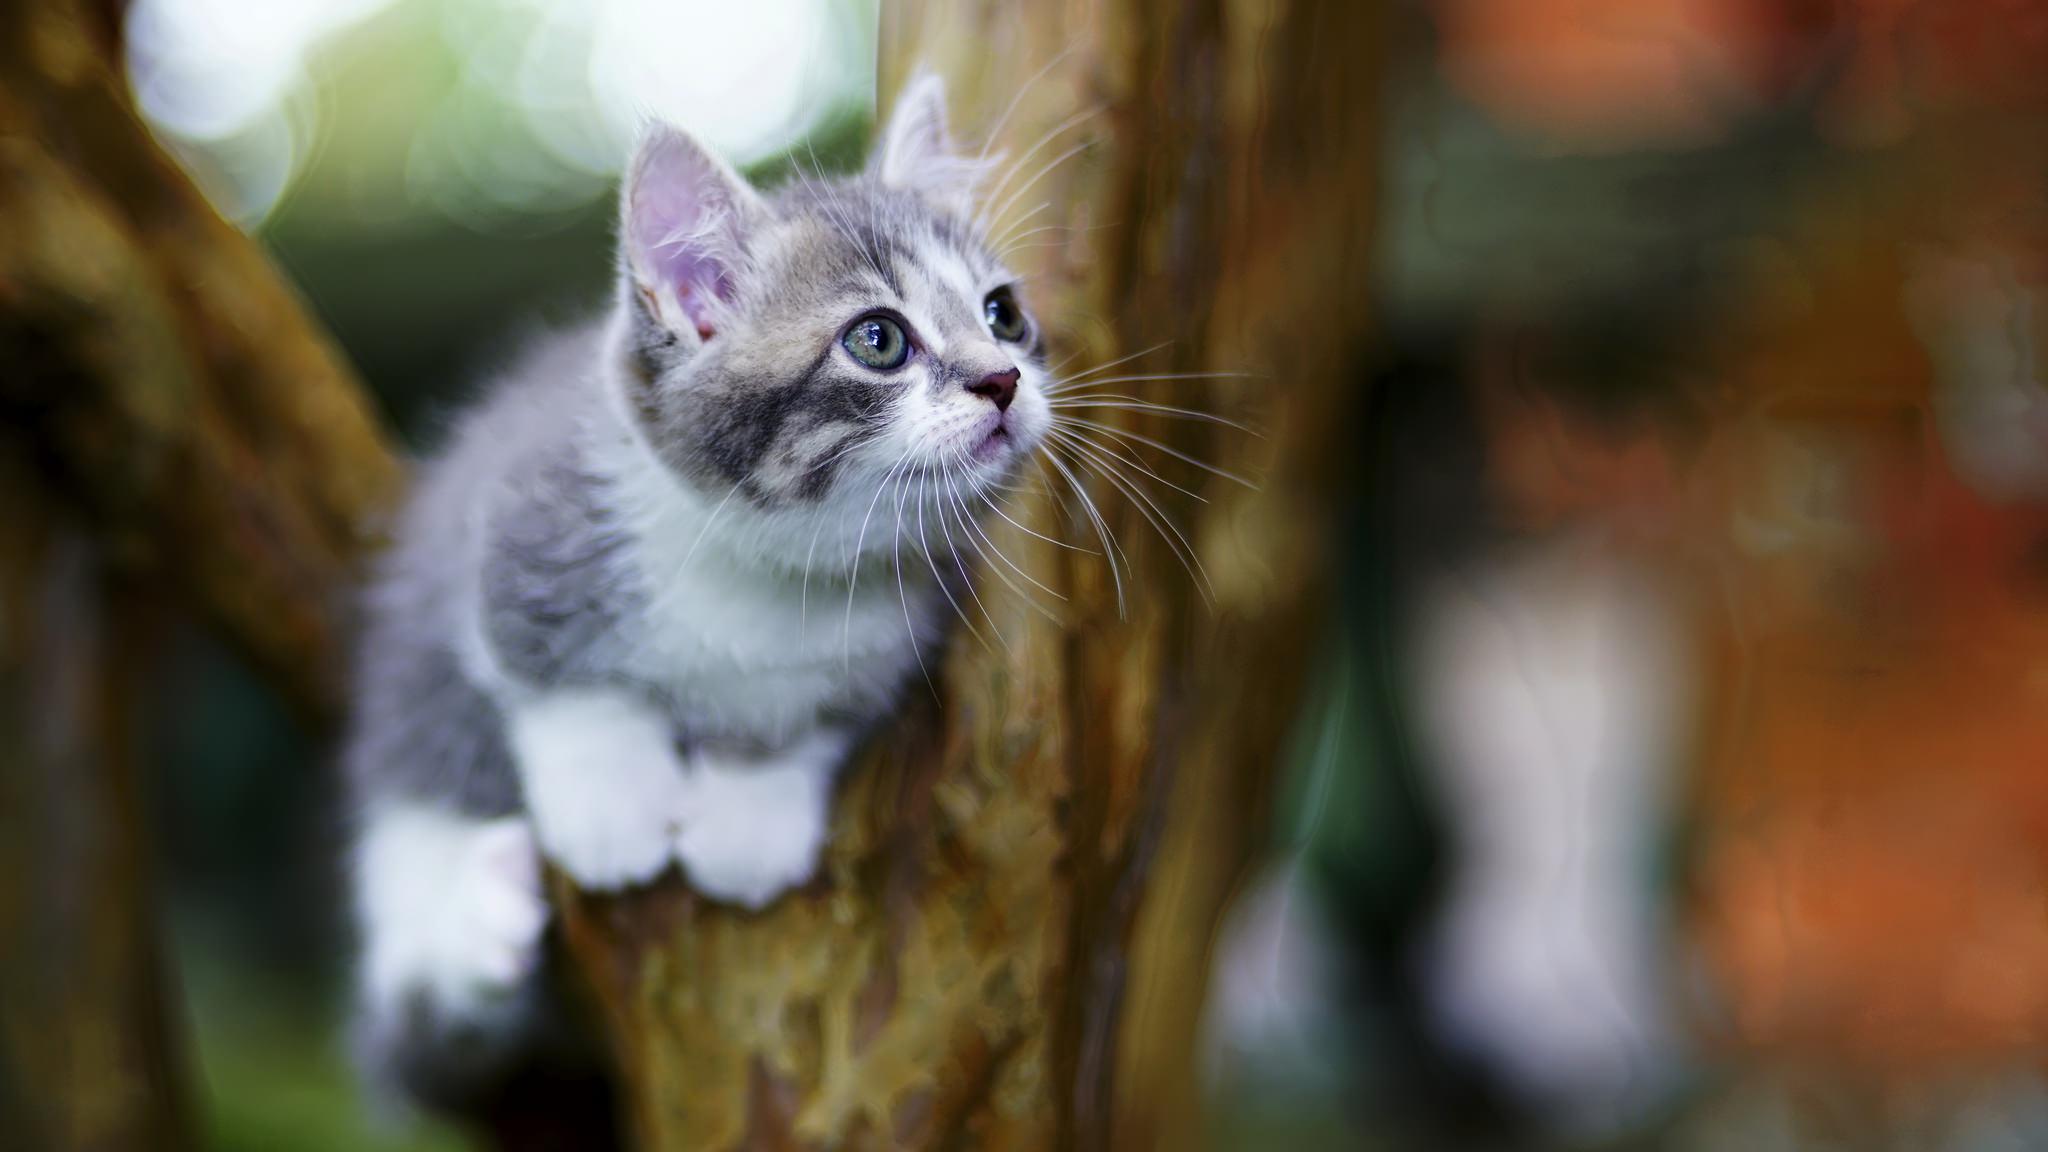 Fondos De Pantalla Gato Animales árboles 2048x1152